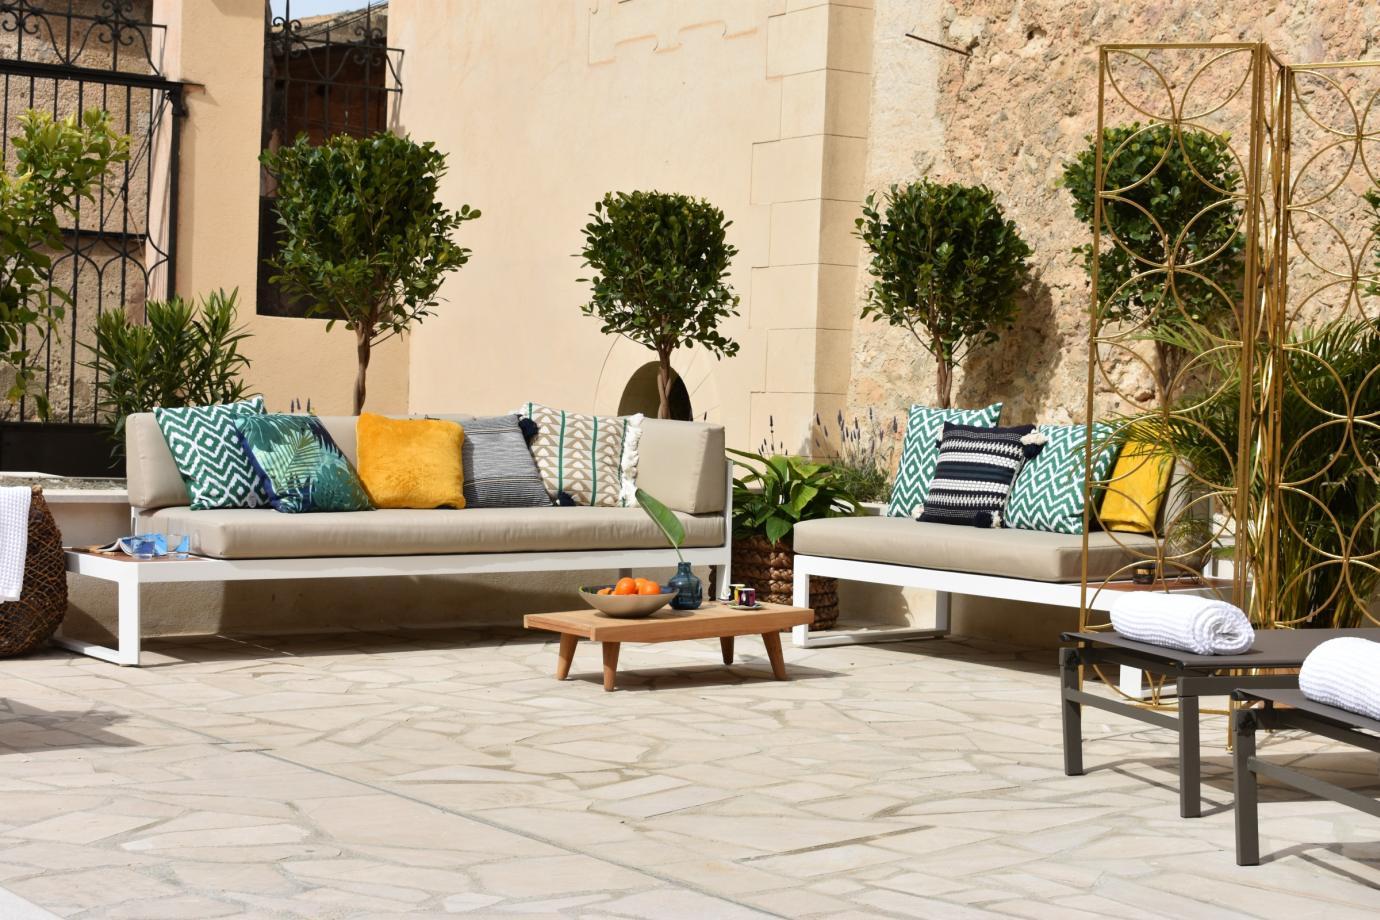 Villa in Central Mallorca, Mallorca - Villa Luxe Senses, 10 Bedrooms, Sleeps 20, 9 Bathrooms, Code SI01